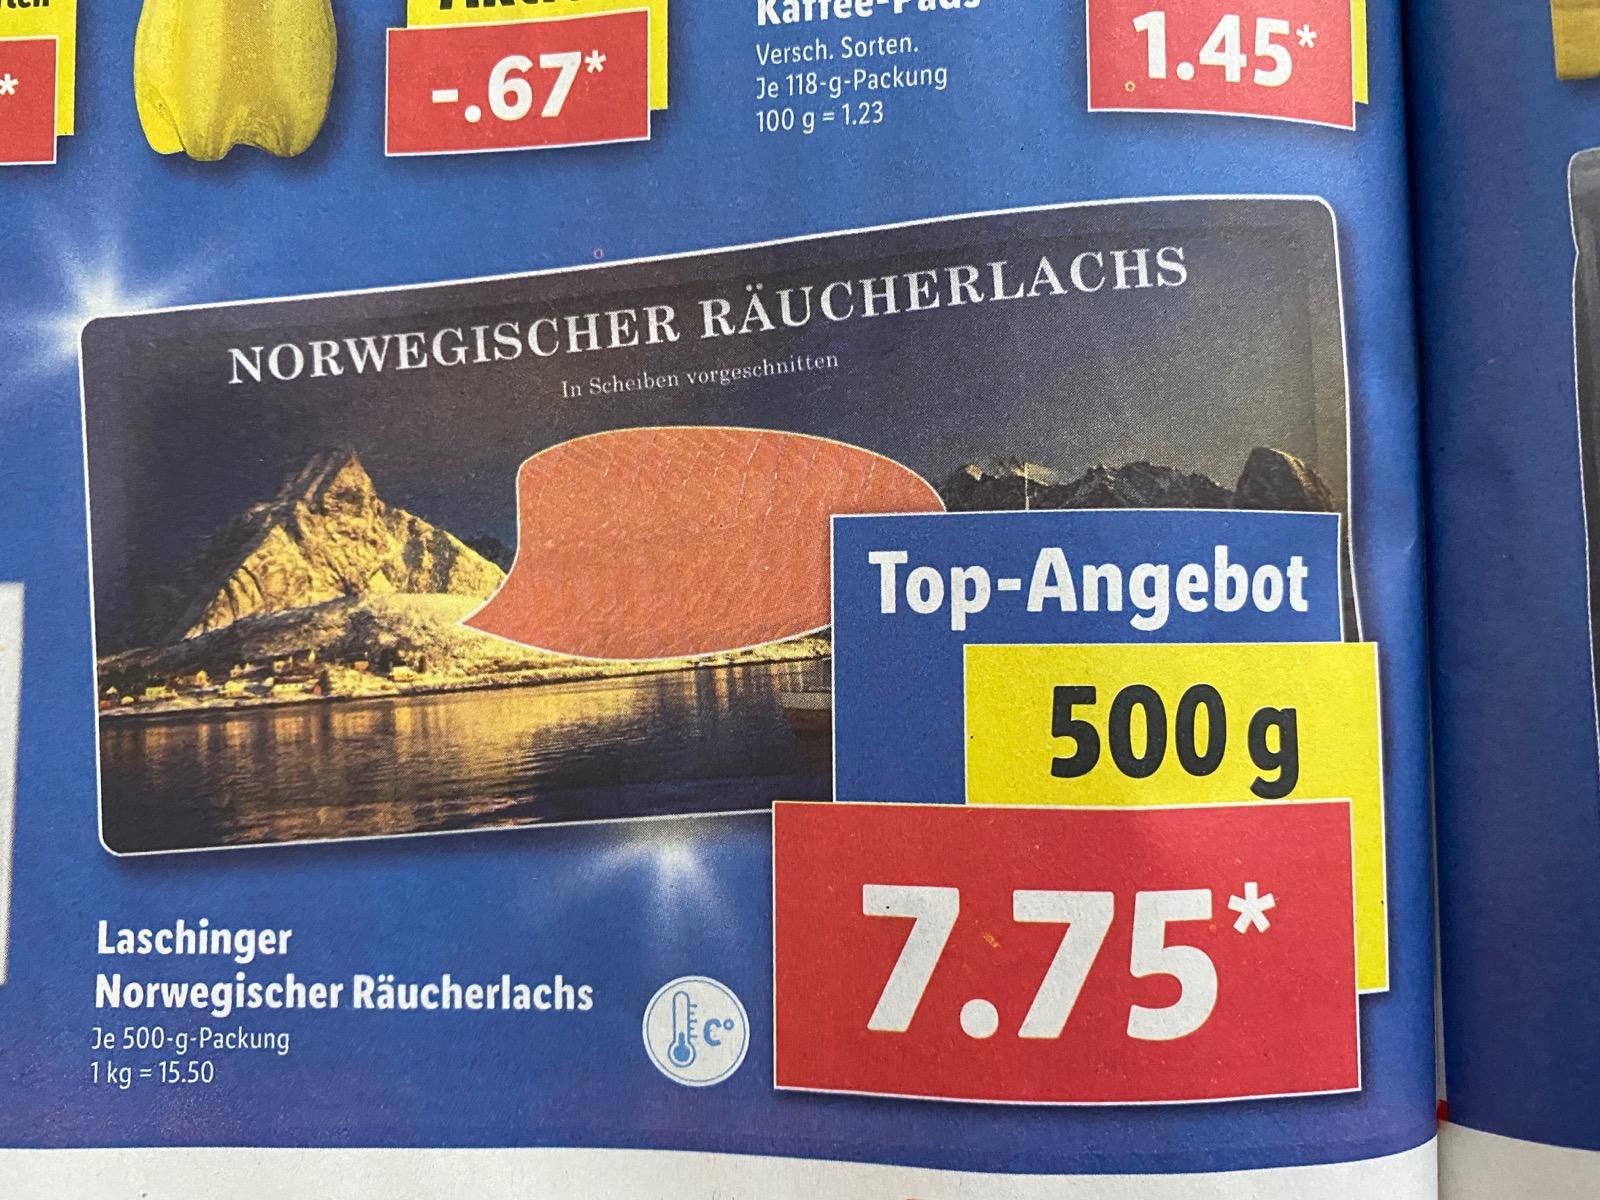 Norwegischer Räucherlachs bei LIDL im Angebot - 500gr für 7,75€